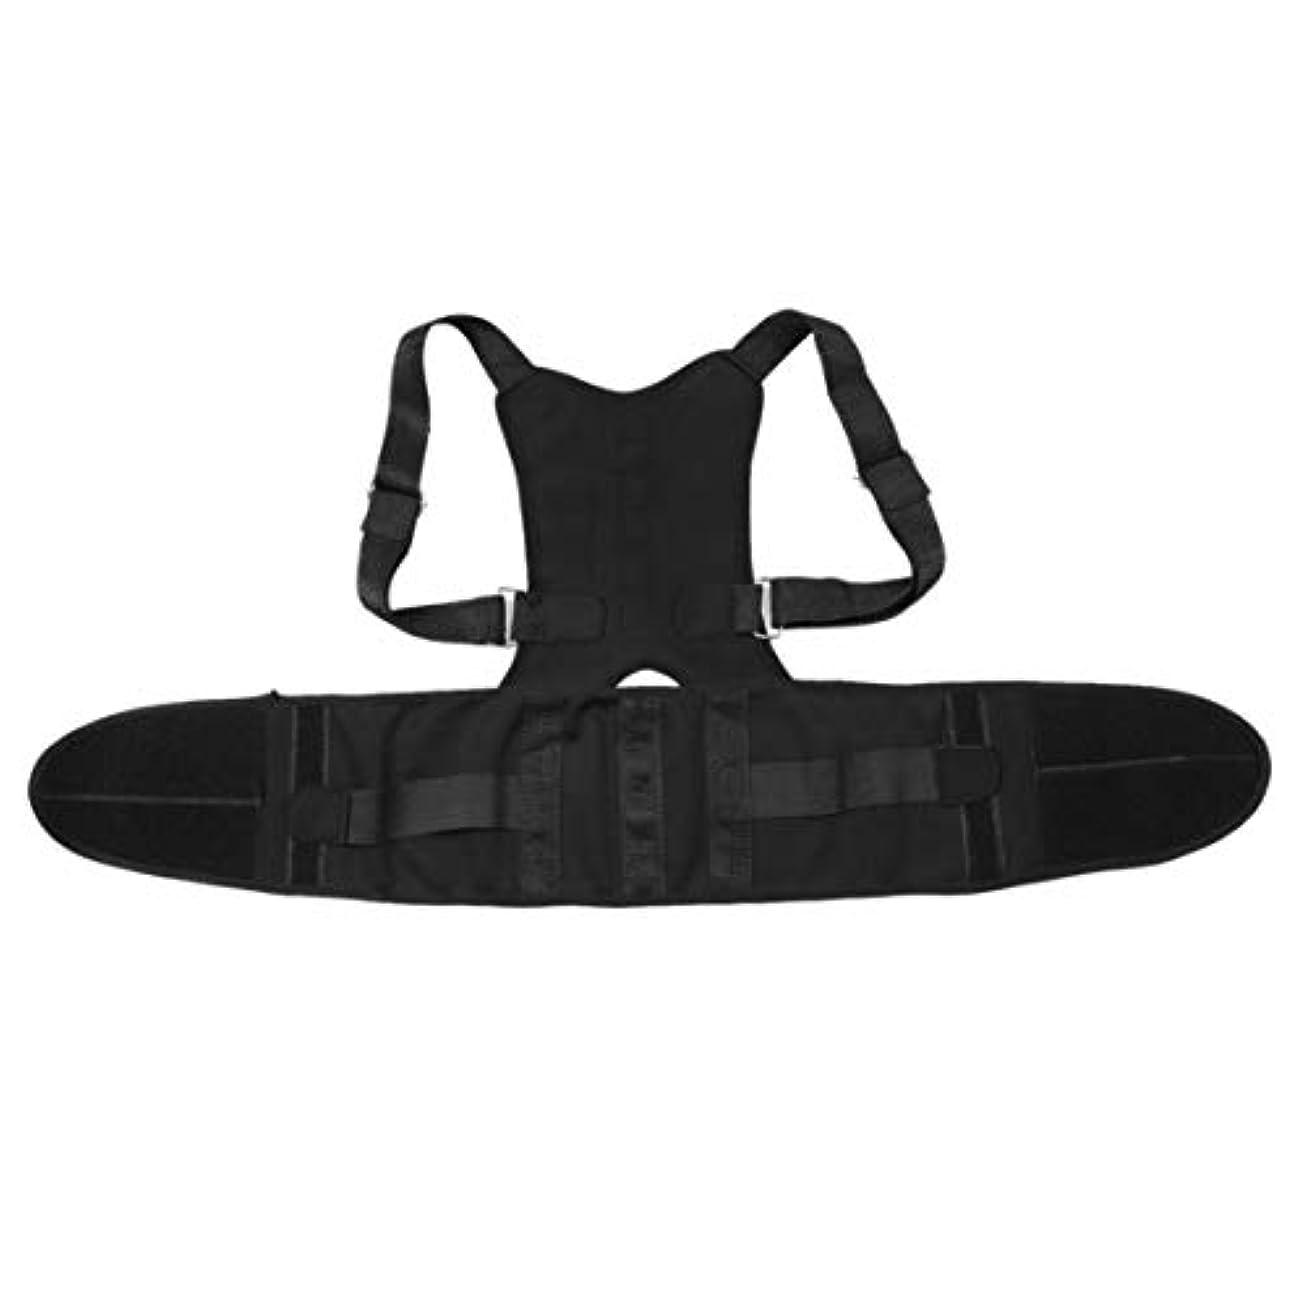 地獄賠償グループ快適で調整可能な男性女性姿勢補正コルセットバックサポートブレースショルダーバックベルトランバーサポート-ブラック